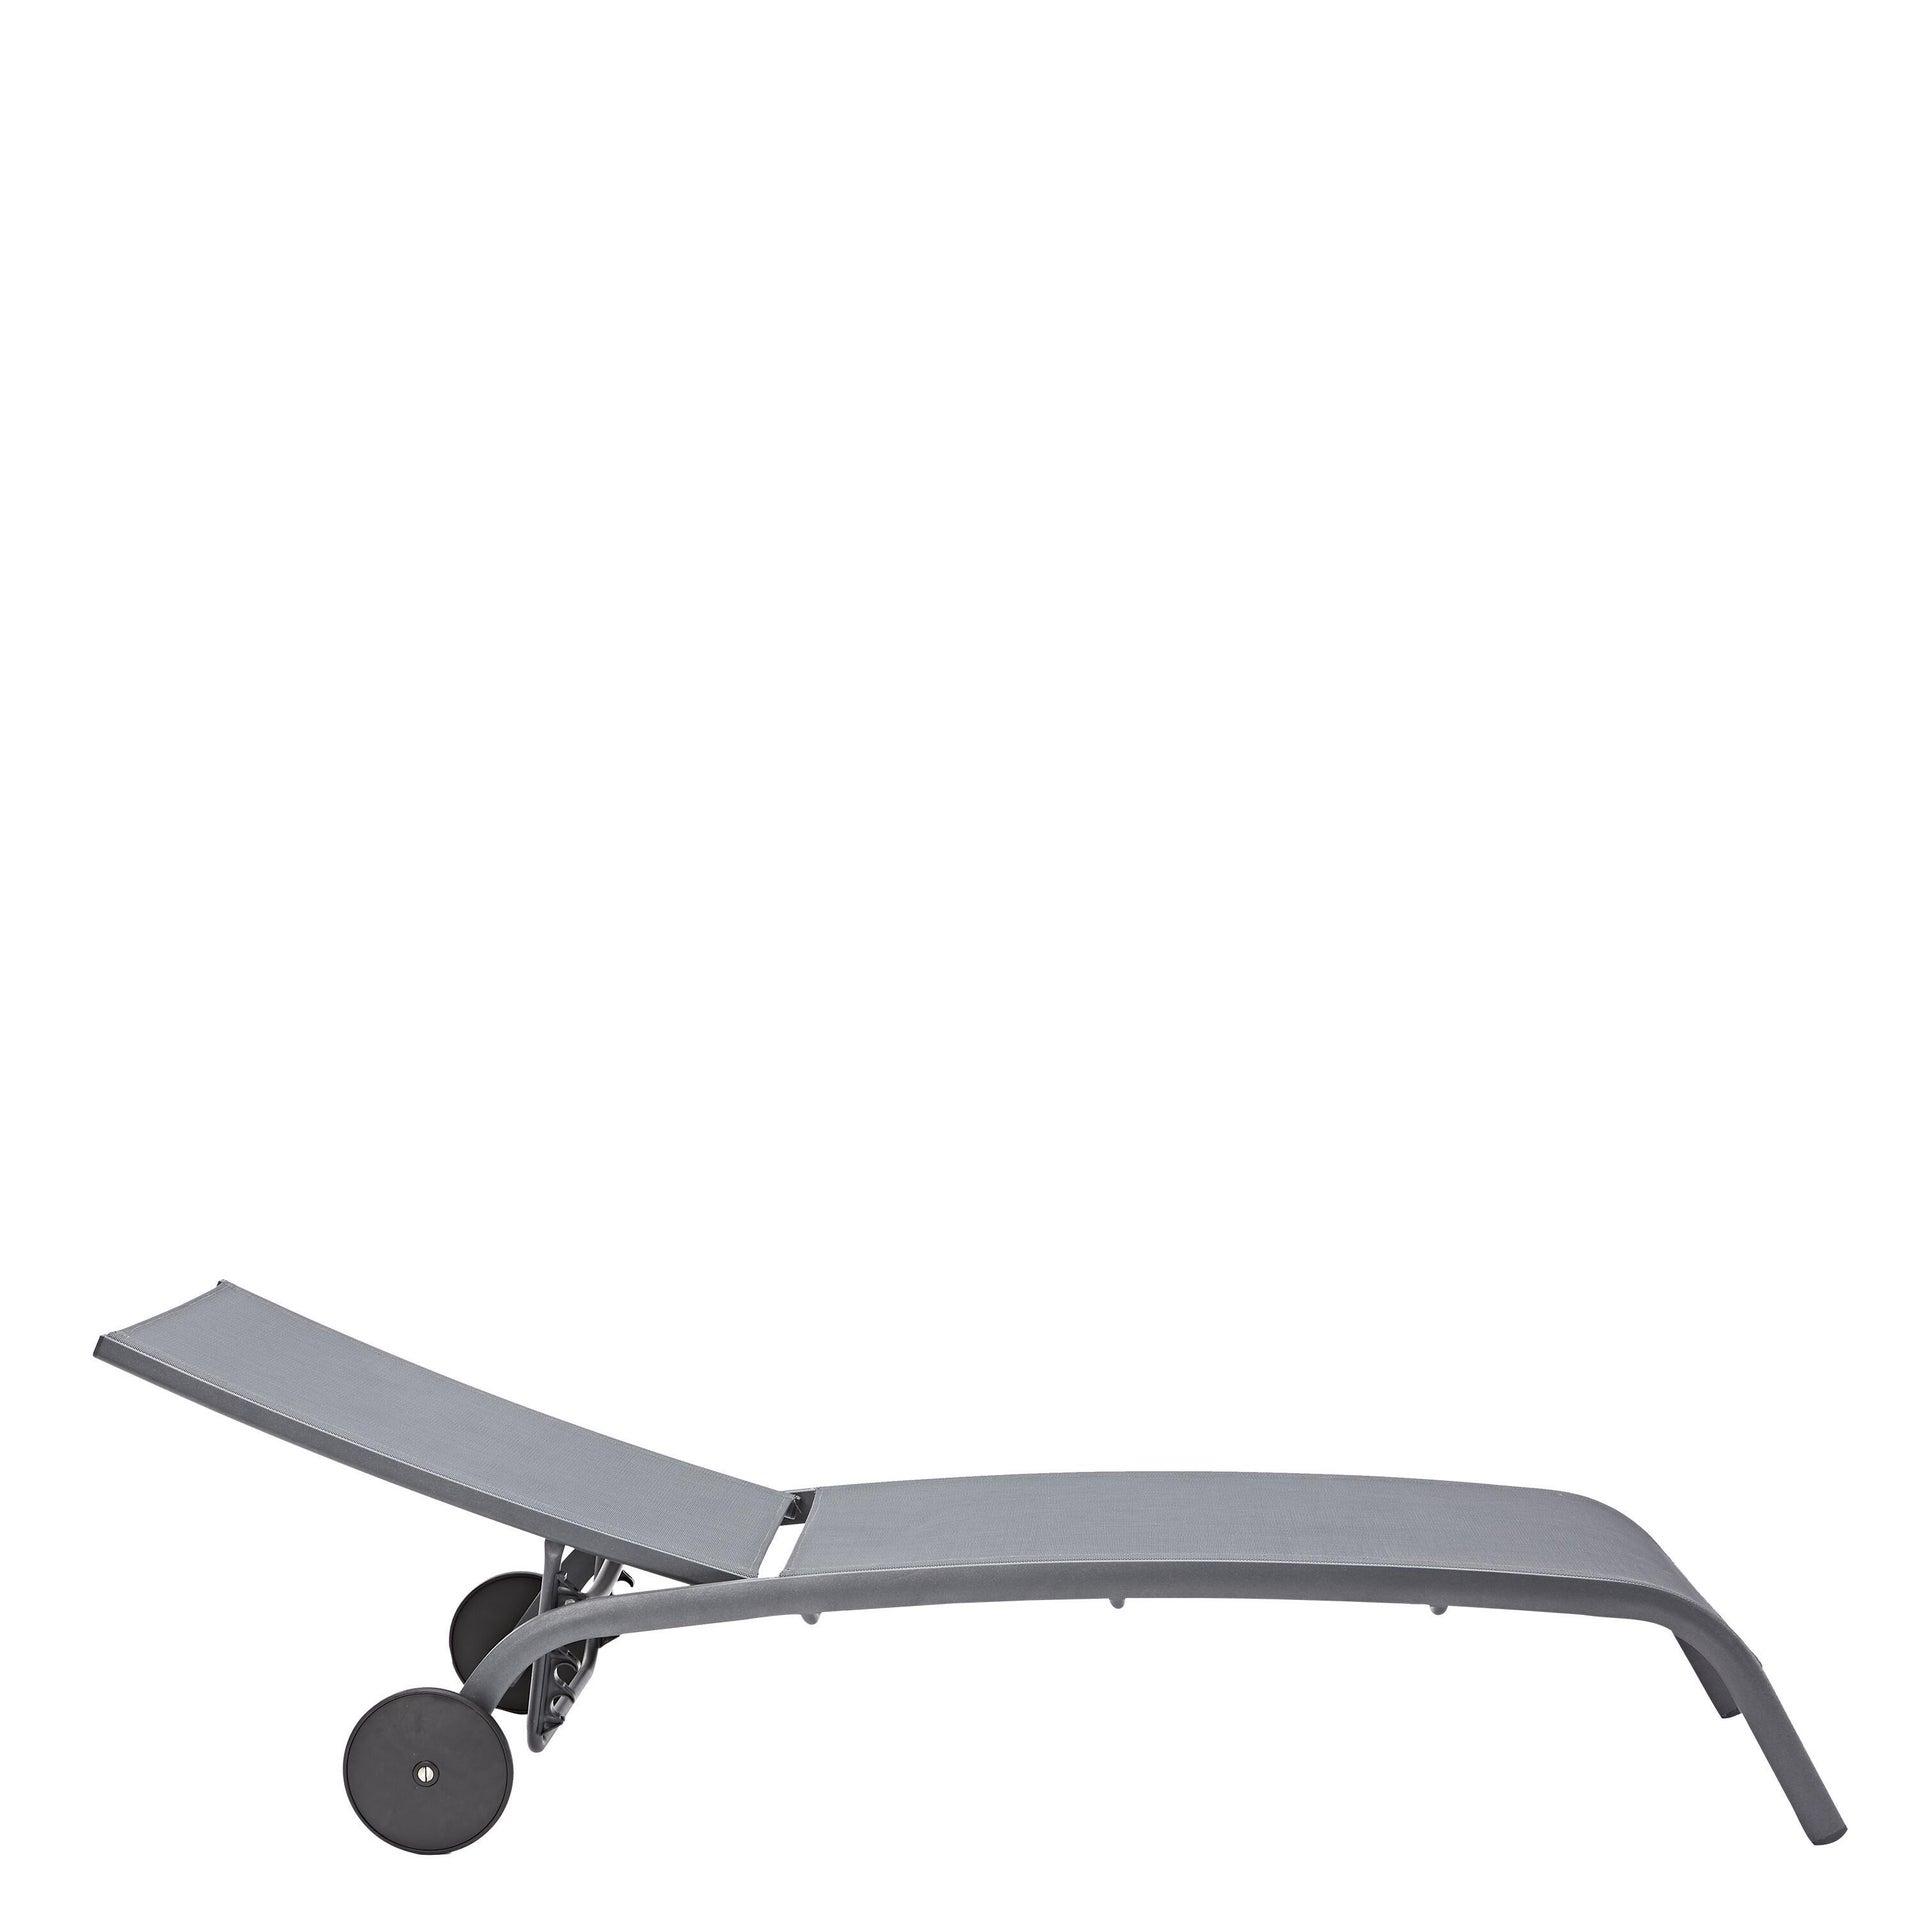 Lettino senza cuscino impilabile NATERIAL Lyra in alluminio grigio scuro - 6